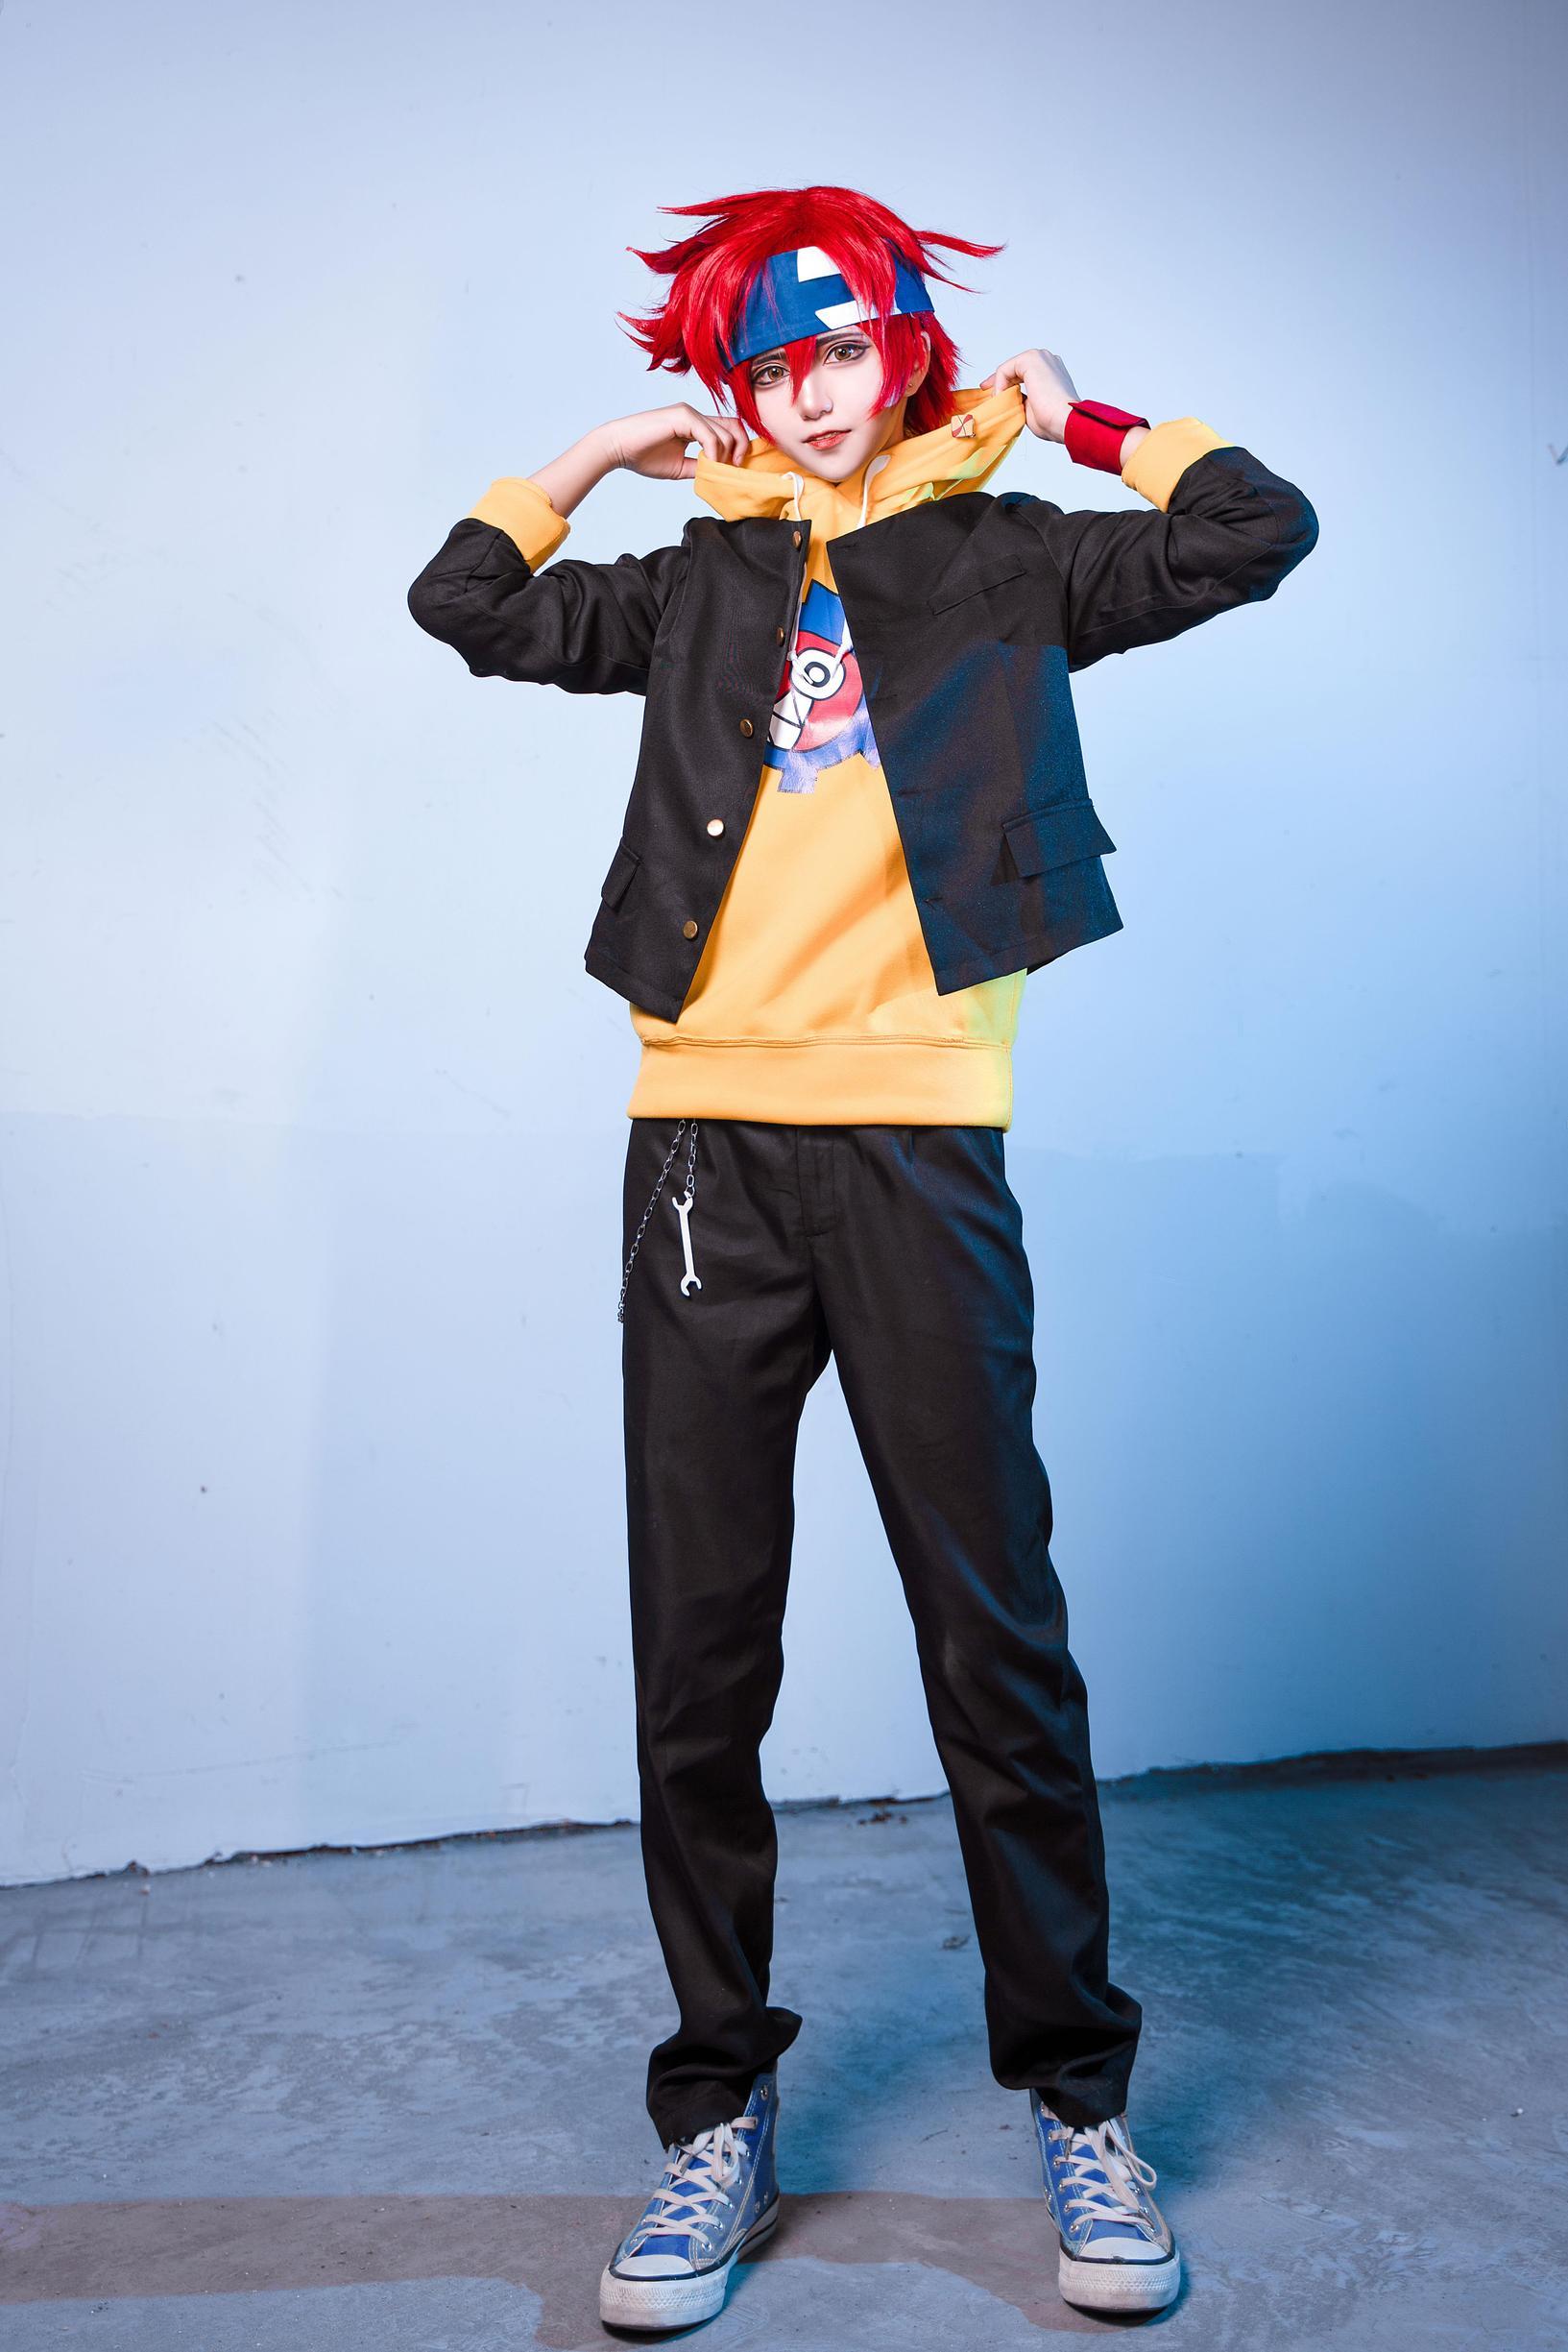 《无限滑板》少年cosplay【CN:南千鲤Akirui】 -cosplay福利制服图片插图